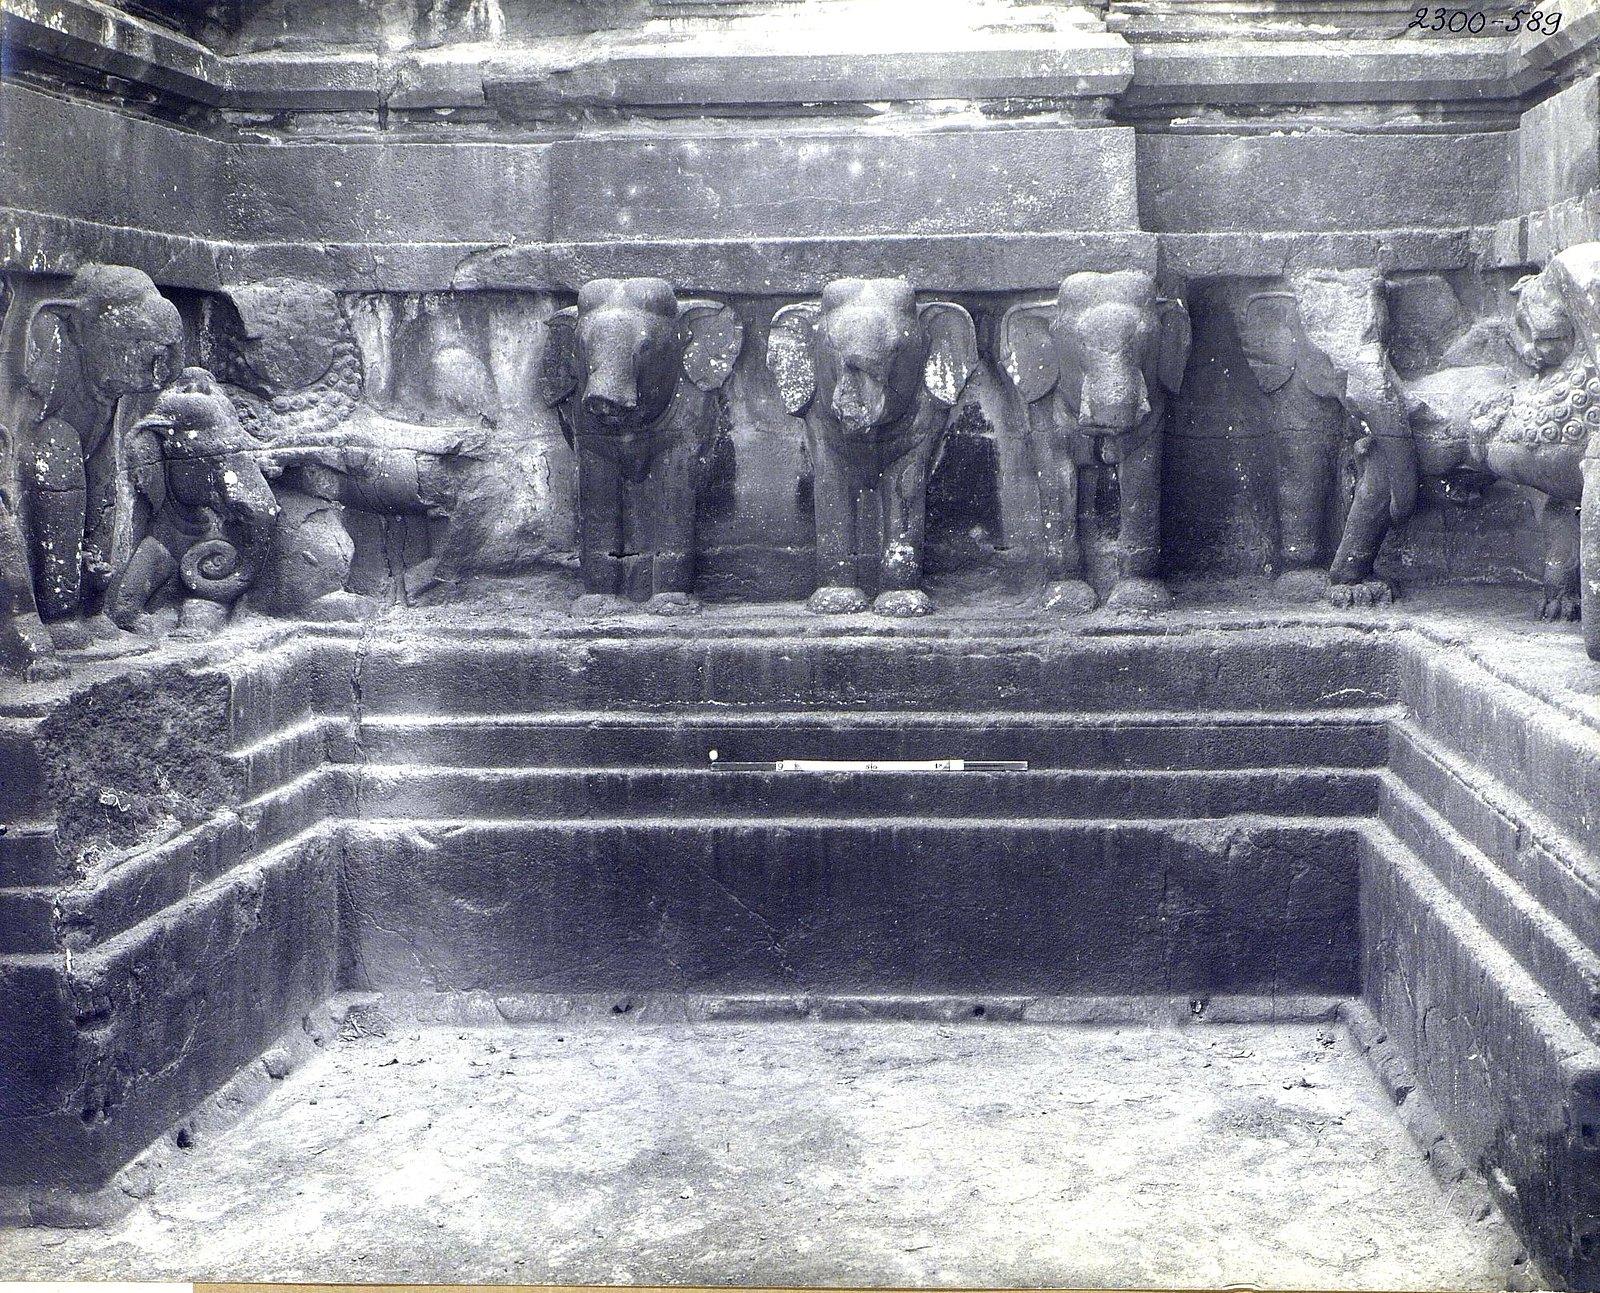 Храм Кайласа в Эллоре (деталь рельефа со слонами и львами) (18)